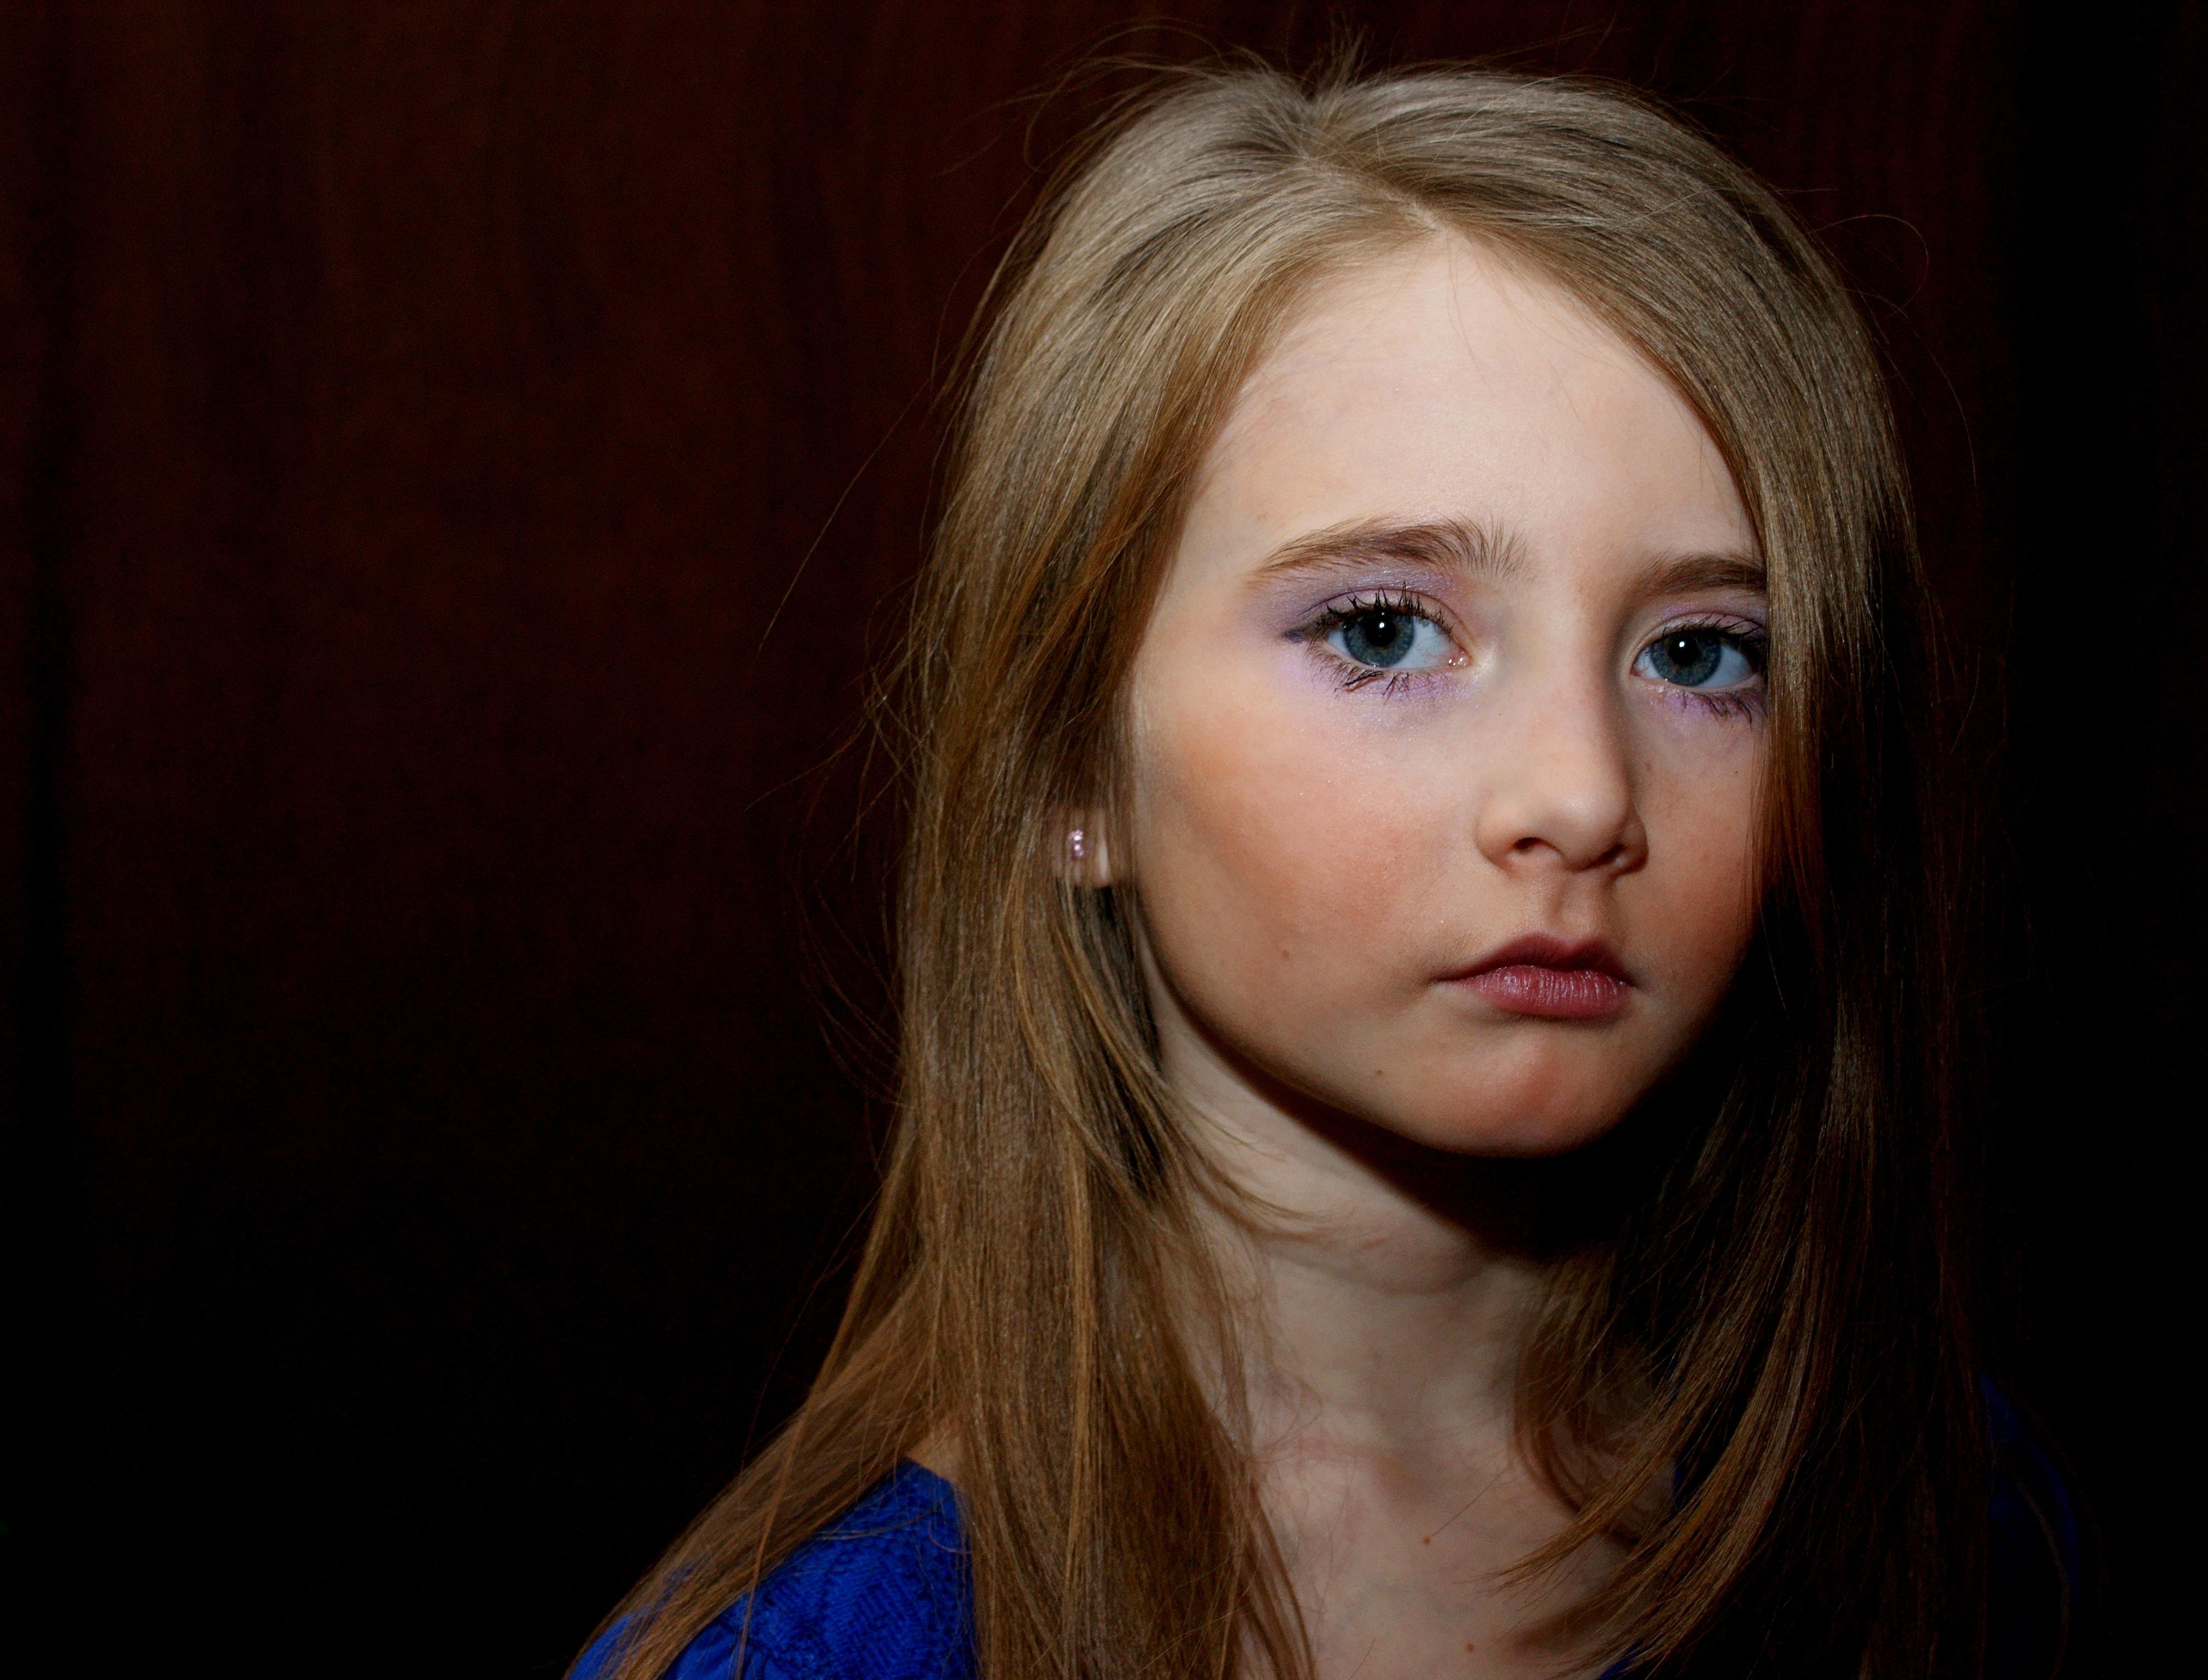 Kostenlose Foto Person Mädchen Frau Haar Fotografie Porträt